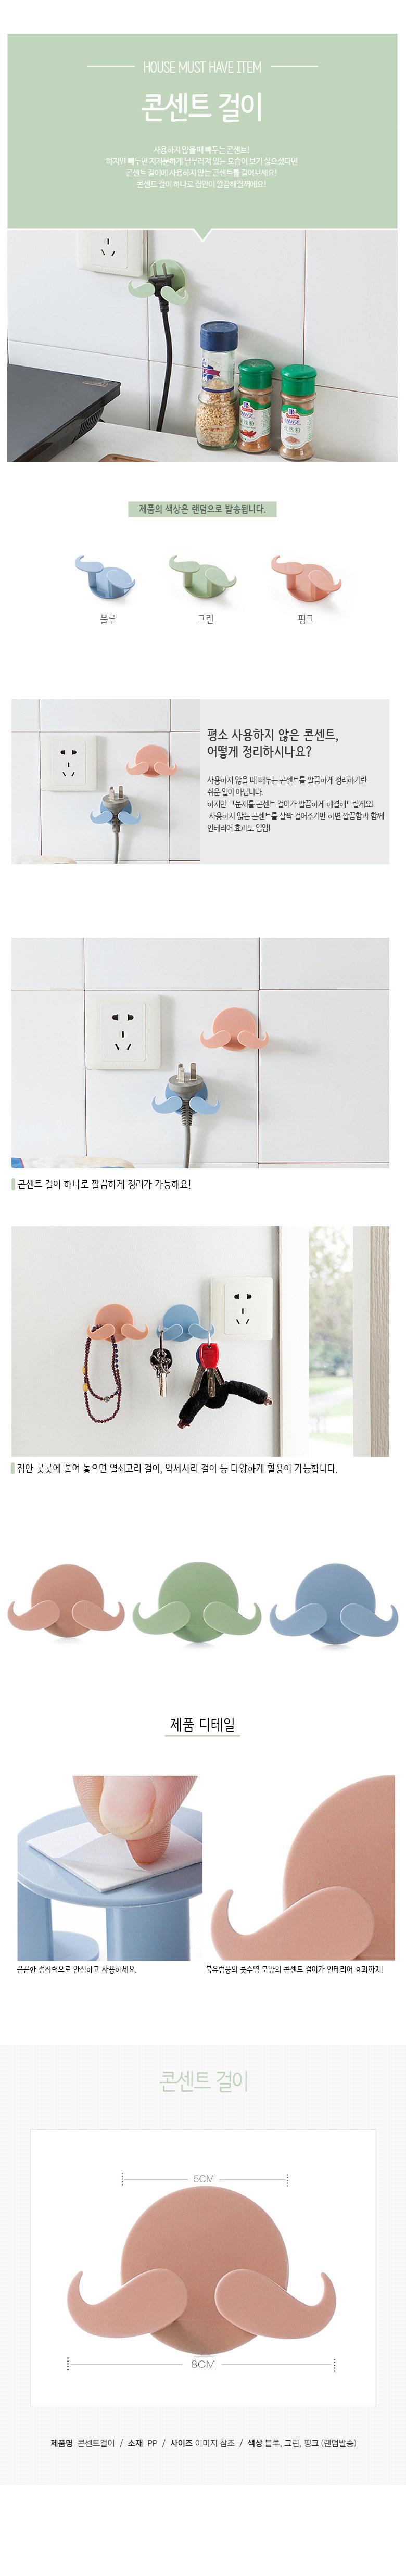 갓샵 벽걸이부착 콧수염 콘센트거치대 - 갓샵, 690원, 행거/드레스룸/옷걸이, 다용도훅/홀더랙